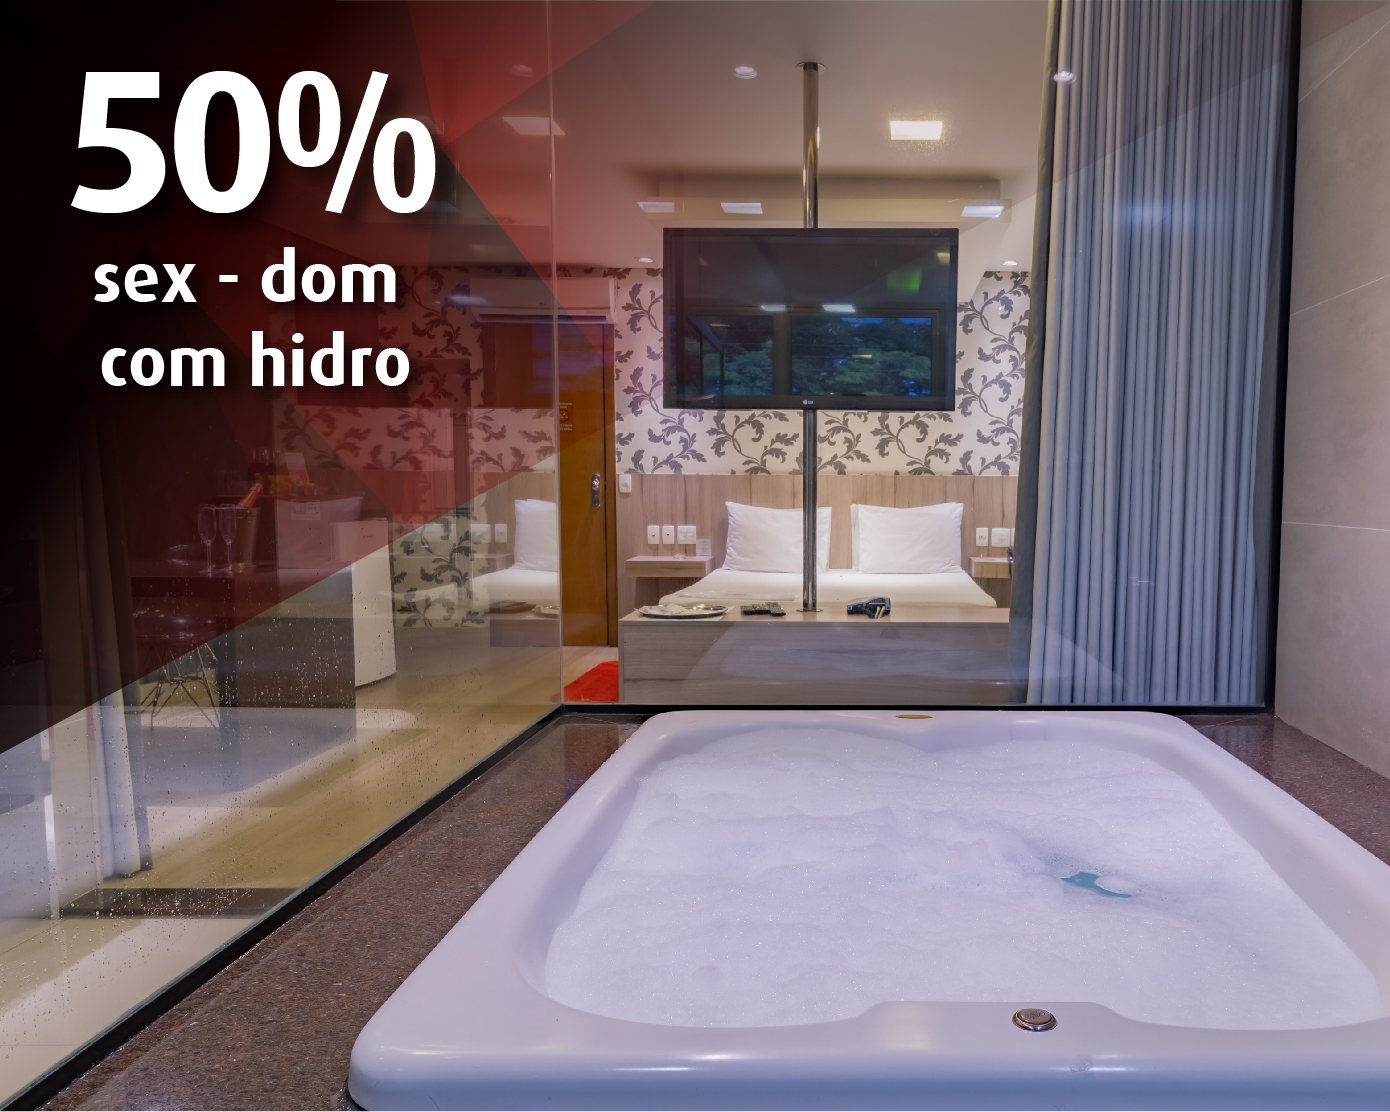 50% - fim de semana - c/hidro